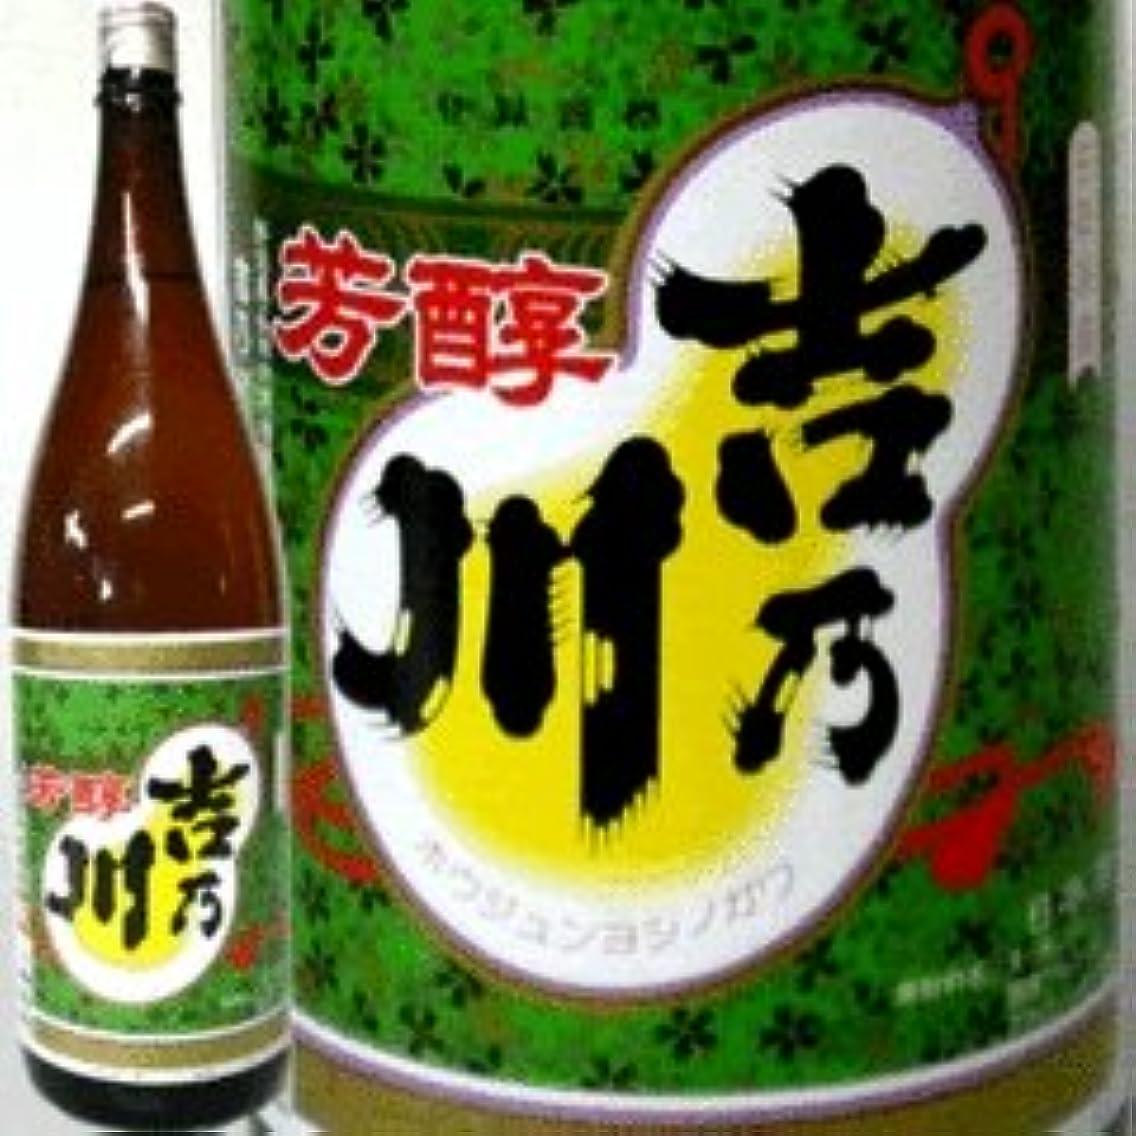 柔らかい船上動員する清酒 吉乃川 芳醇 1800ml